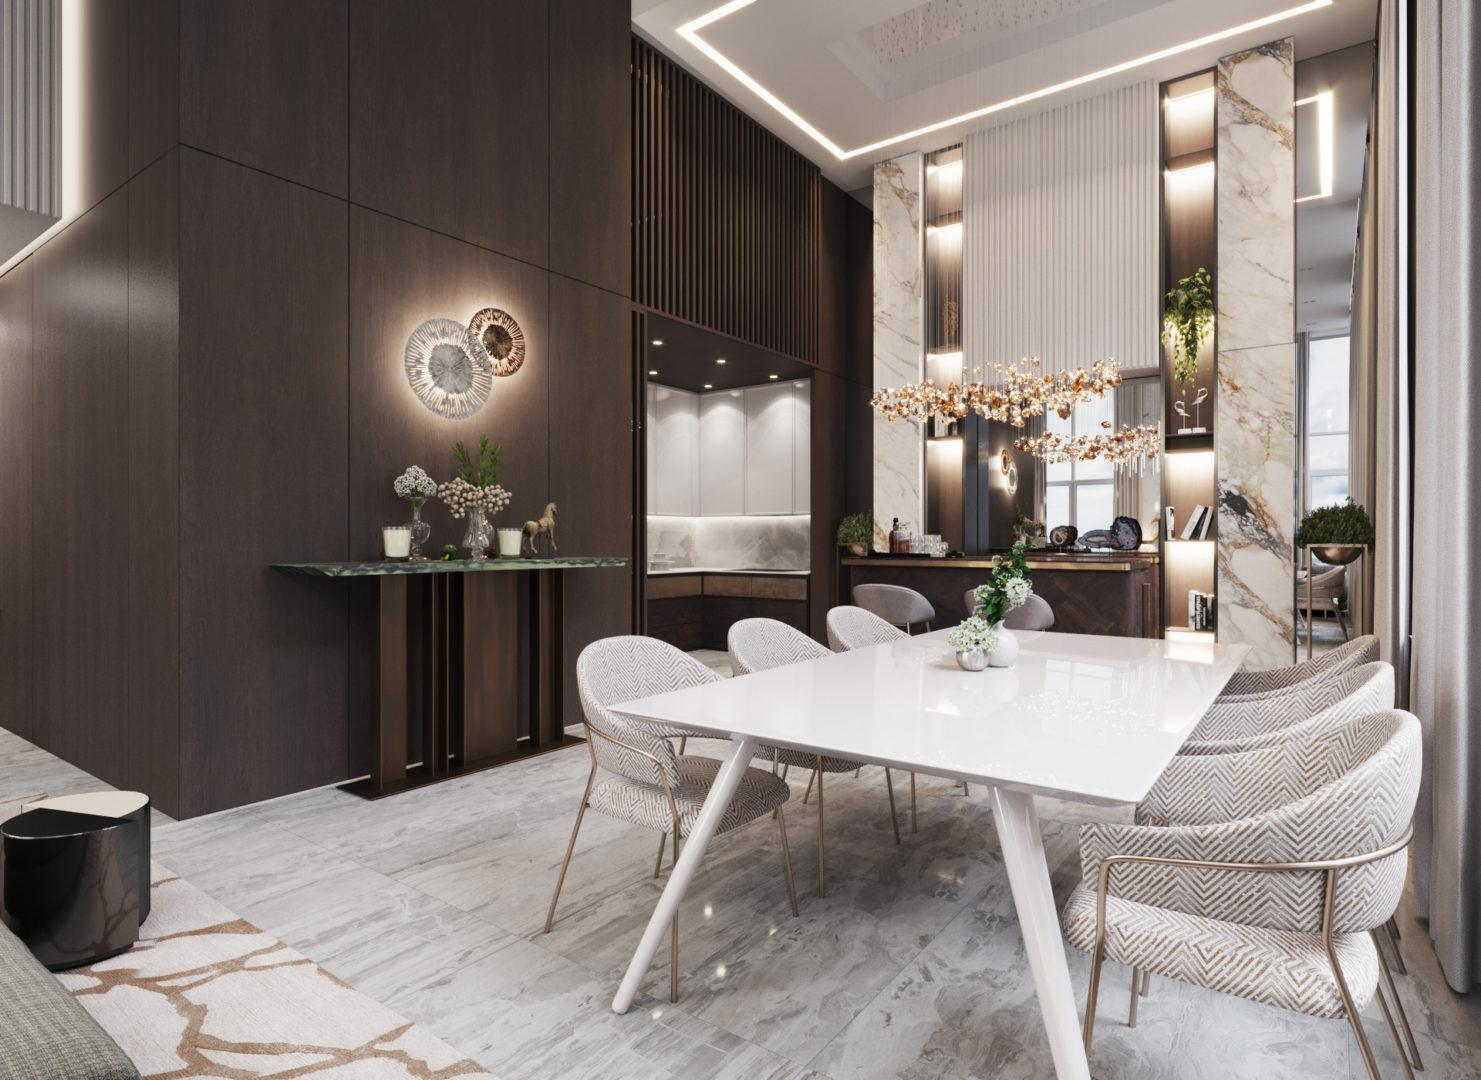 Обеденный стол - вариант планировки лофта в ЖК Александровский сад